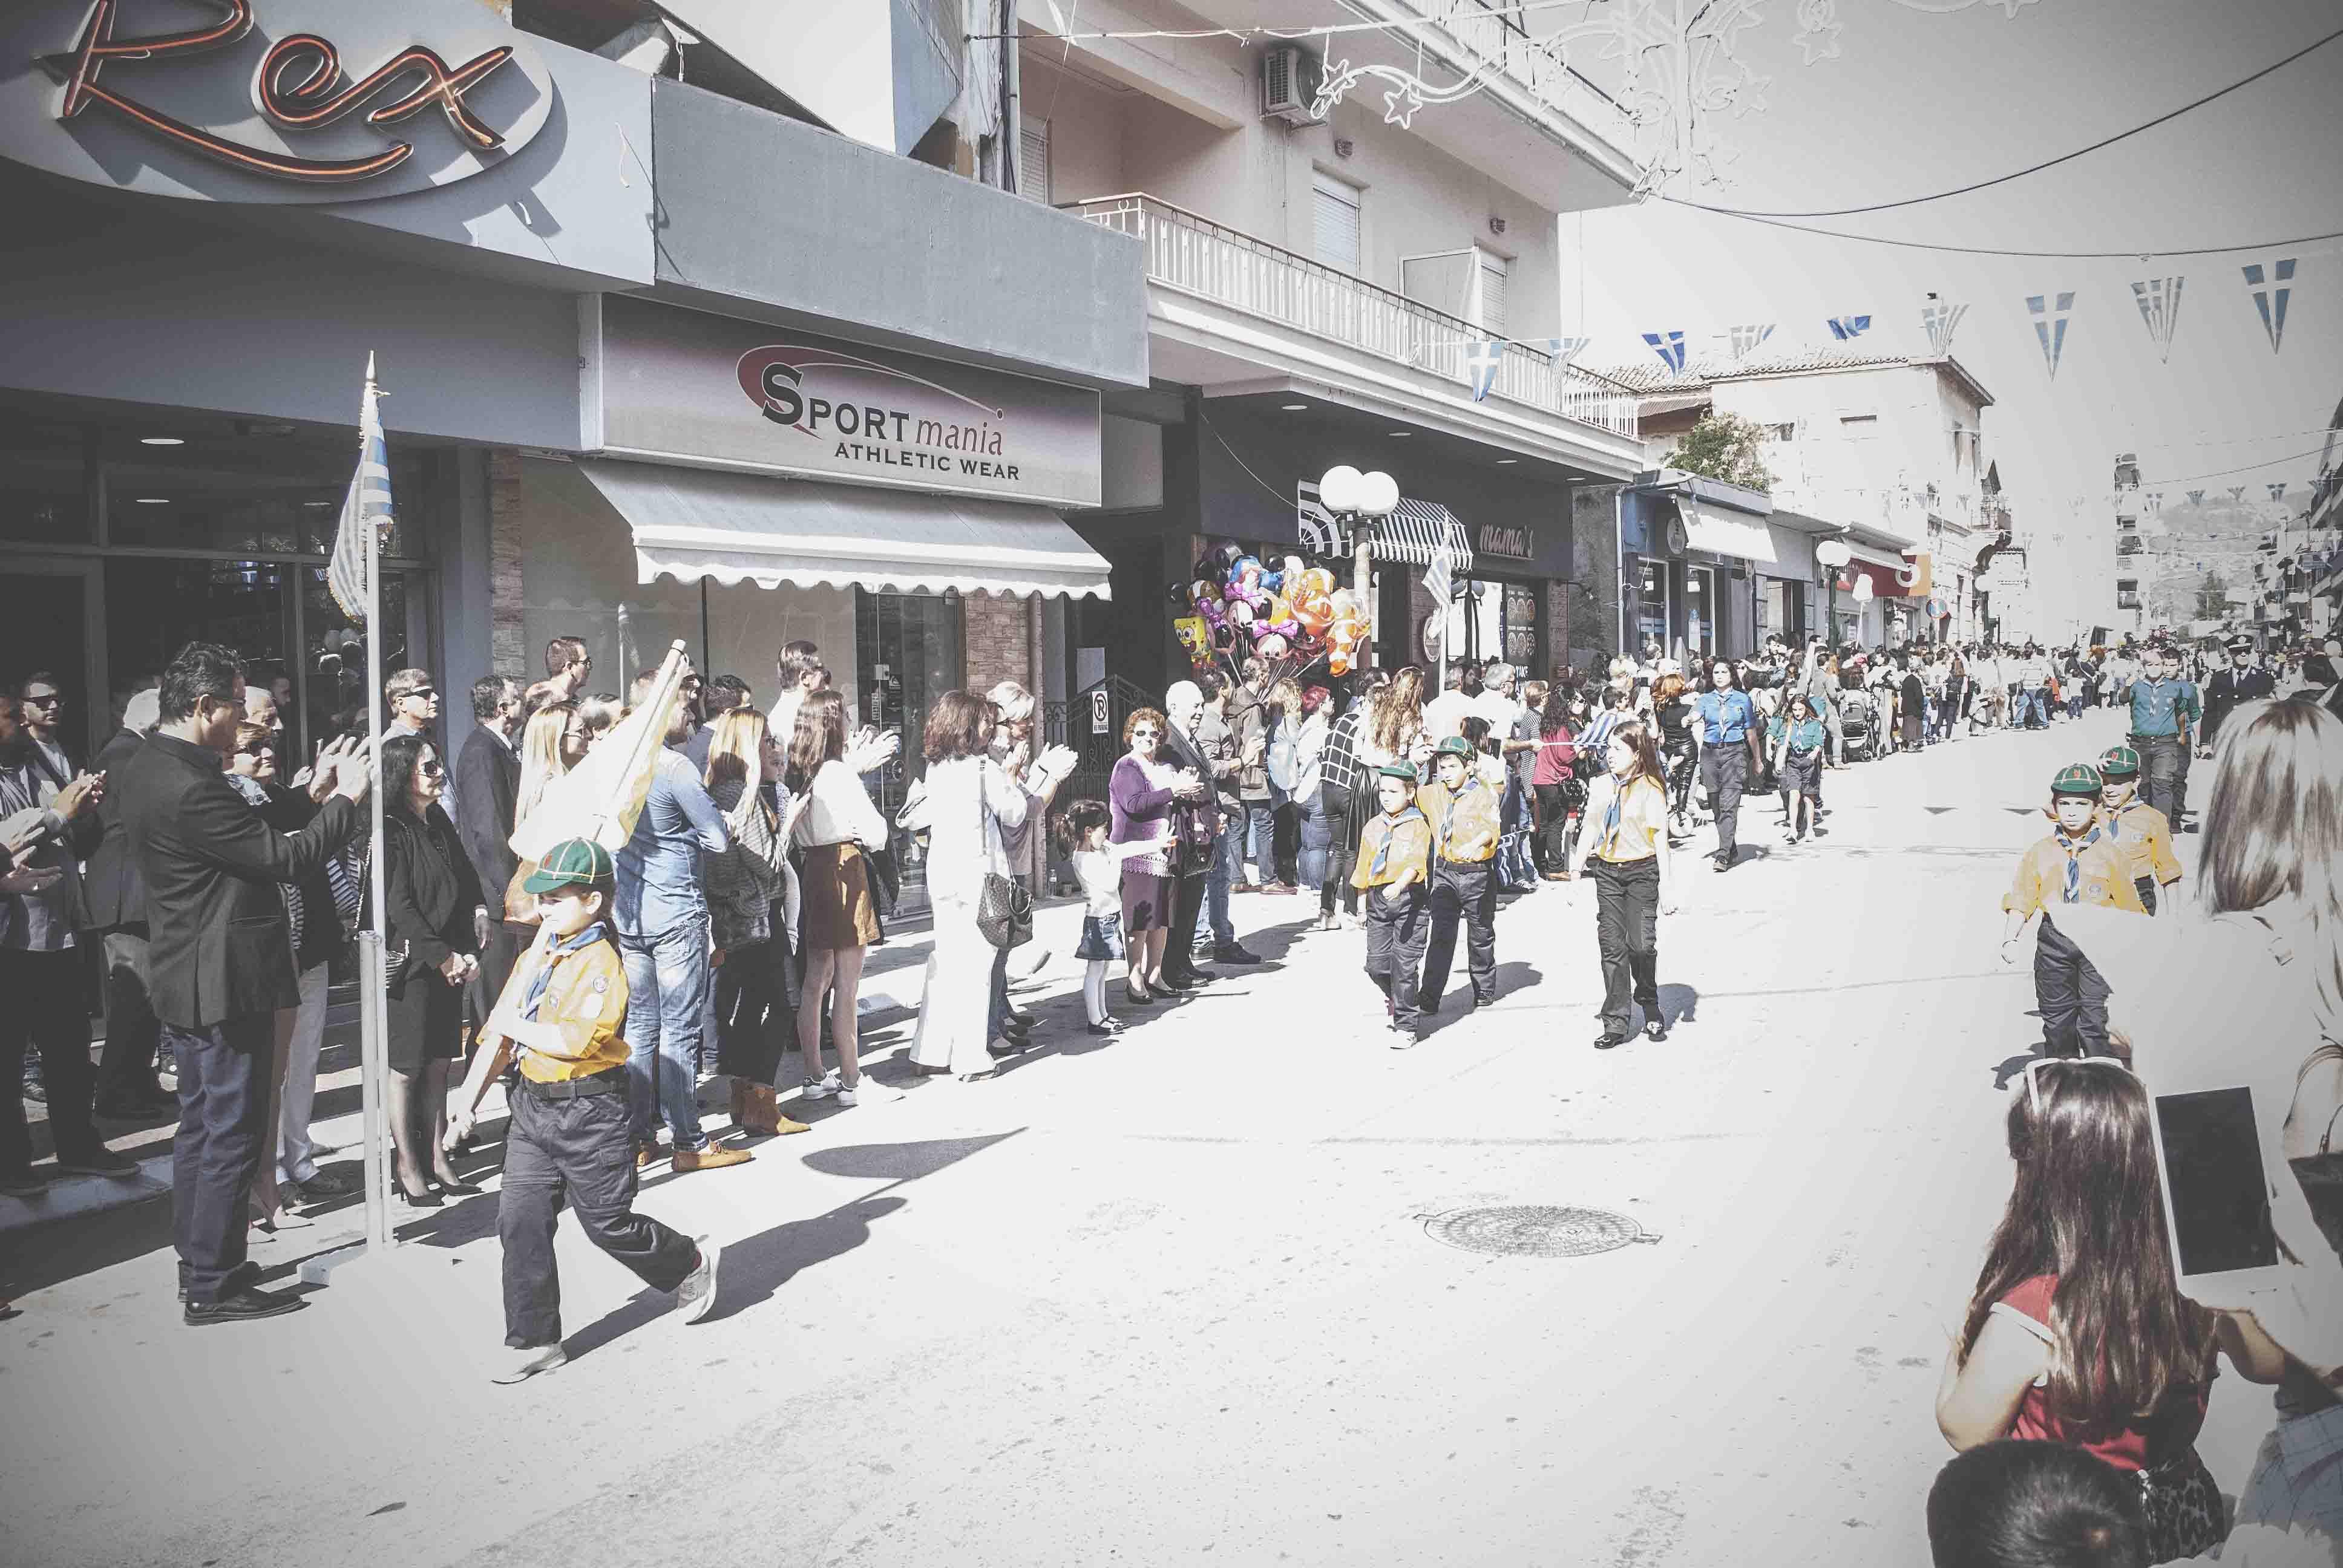 Φωτογραφικό υλικό από την παρέλαση στα Ψαχνά Φωτογραφικό υλικό από την παρέλαση στα Ψαχνά DSC 0342